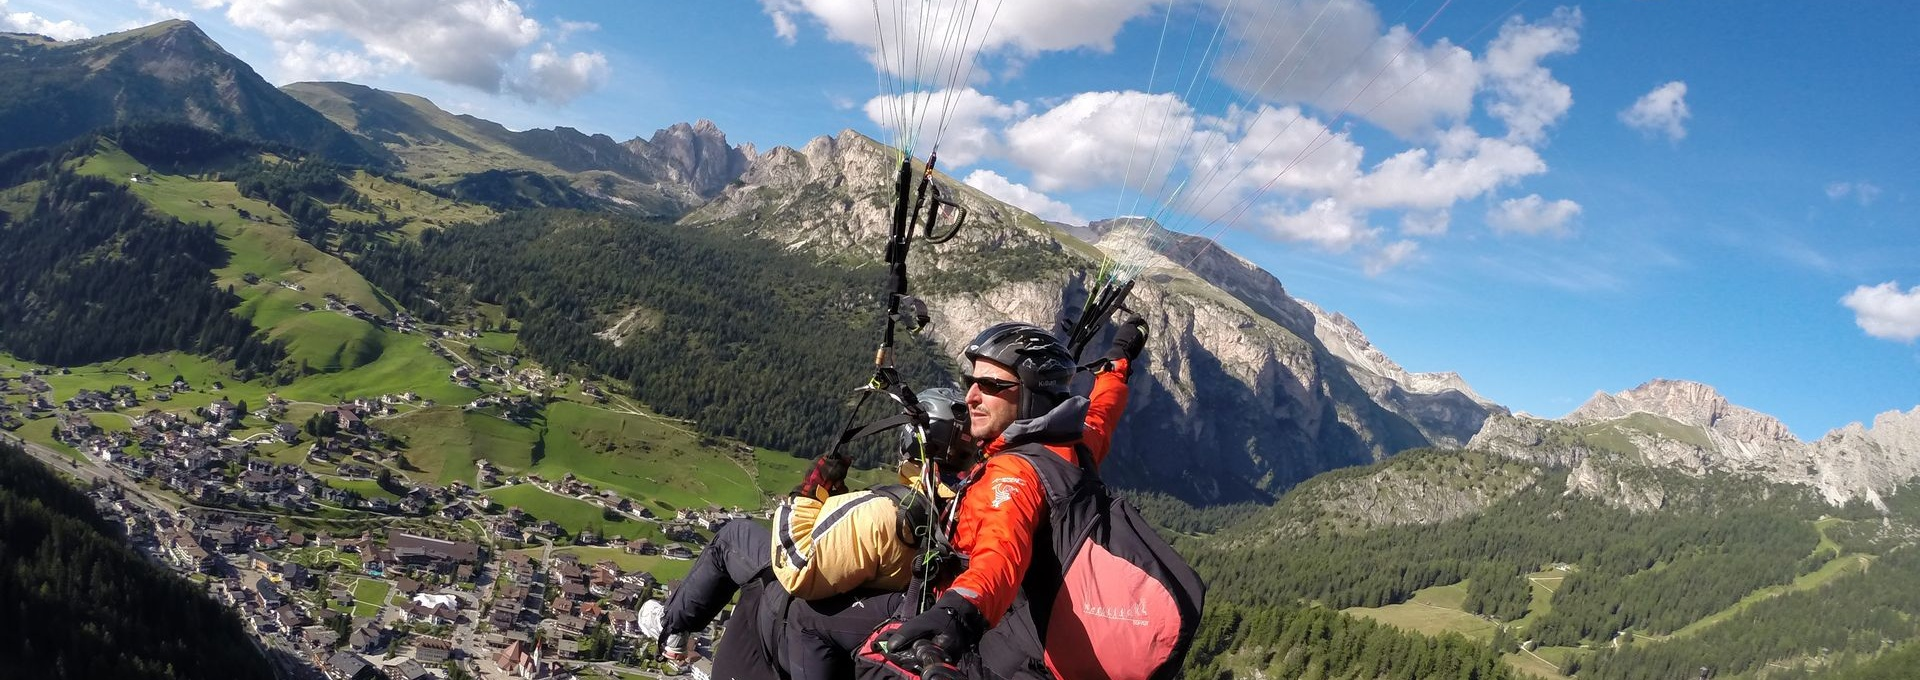 Val Gardena - paragliding tandem